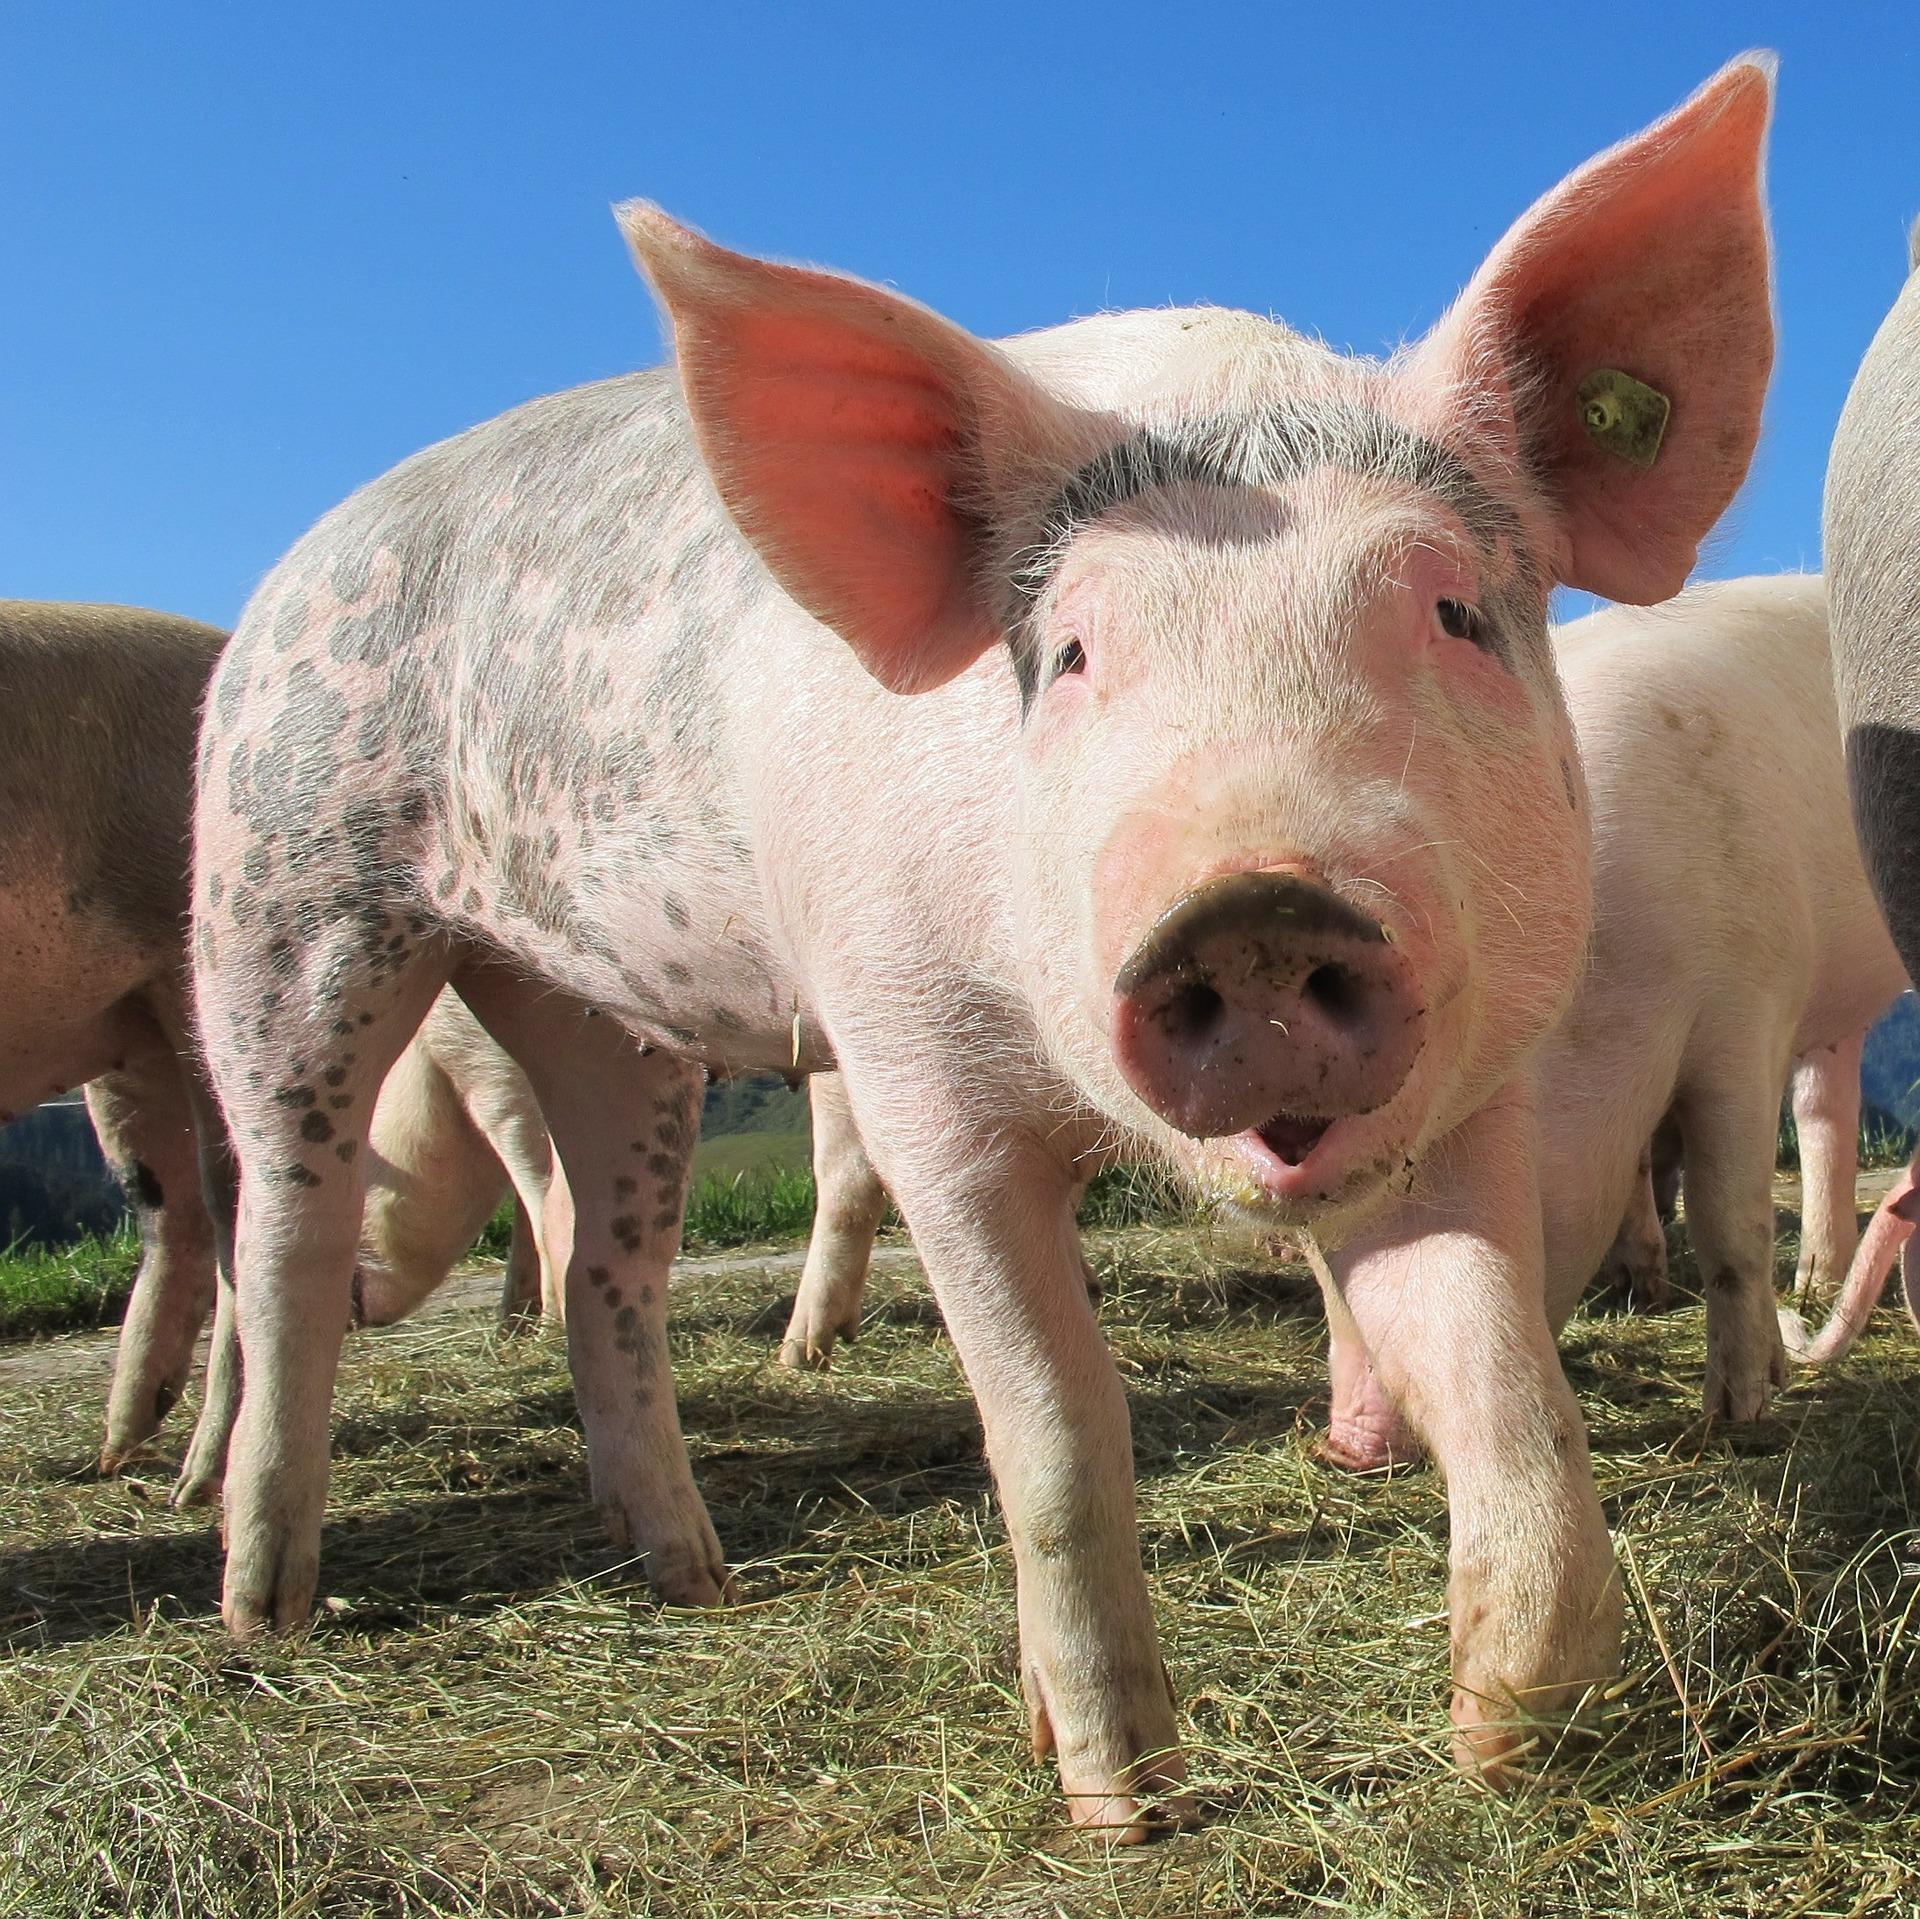 Tierwohl: Der lange Weg zu einer artgerechten Tierhaltung